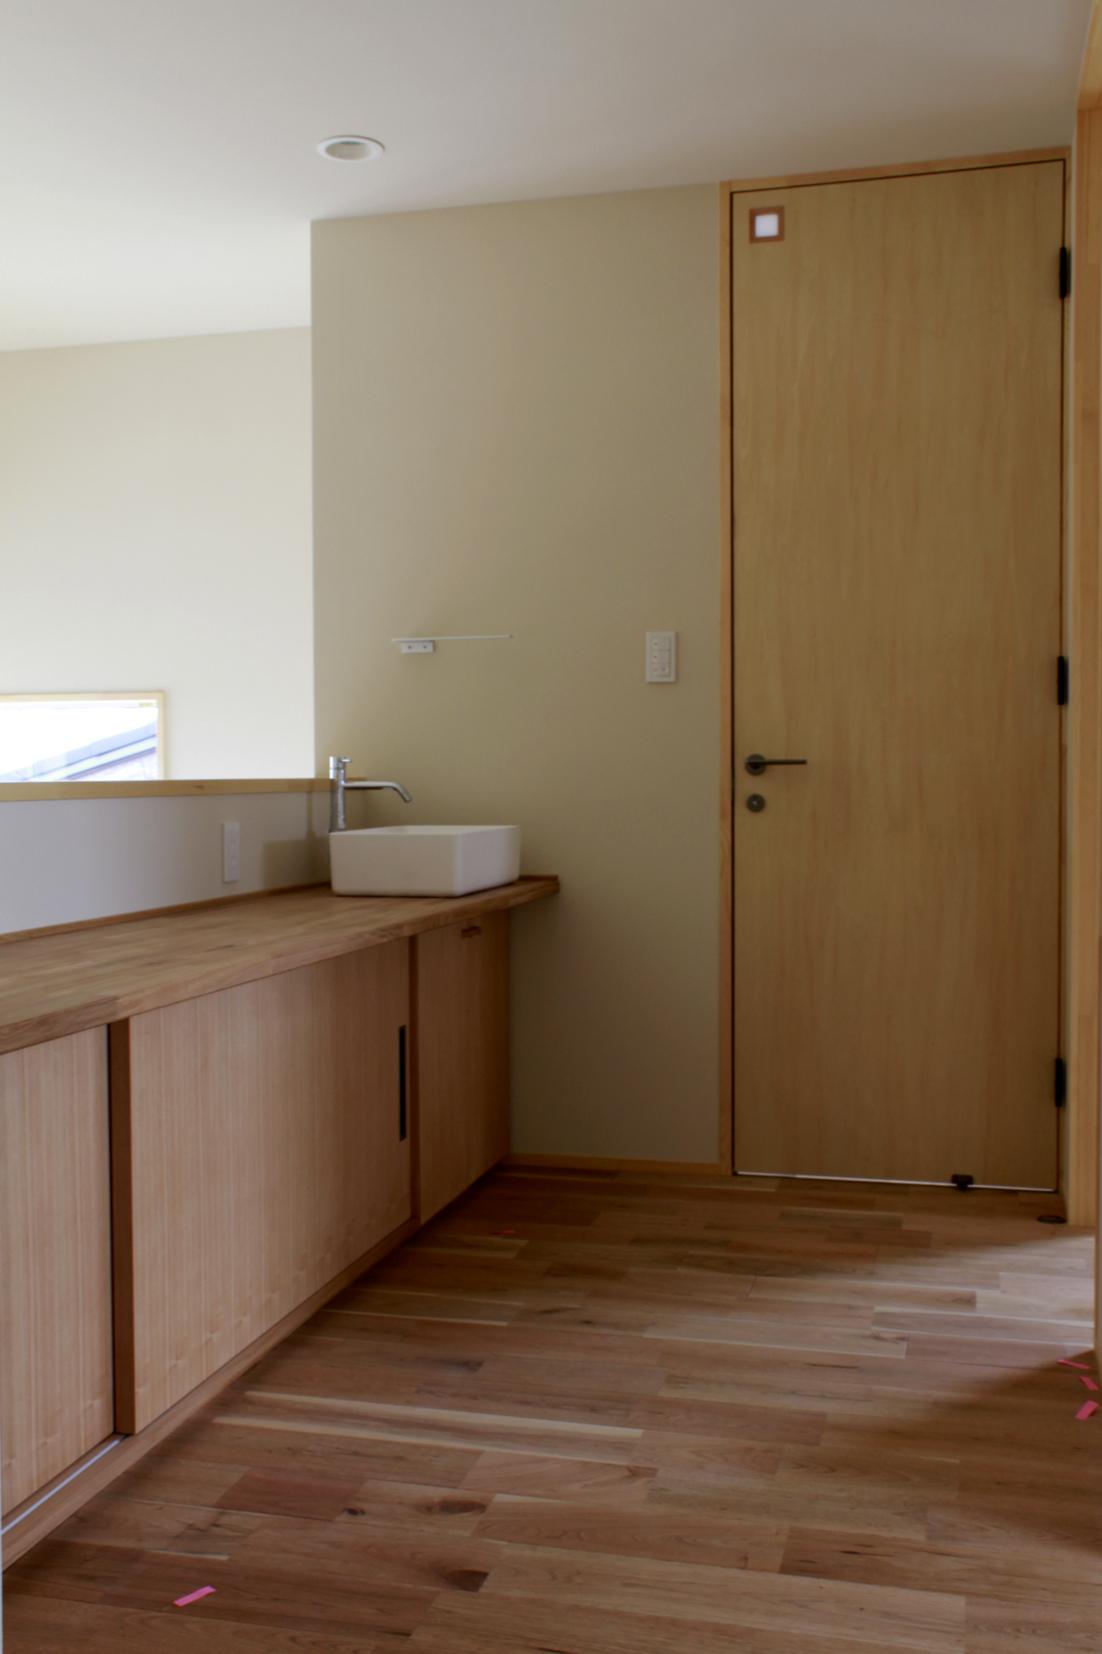 新築家具 | 手洗いカウンター | 備え付け家具 | 山形・仙台を中心にオリジナル家具・オーダー家具、インテリアのデザイン・製作・納品をおこなっています。おしゃれ。